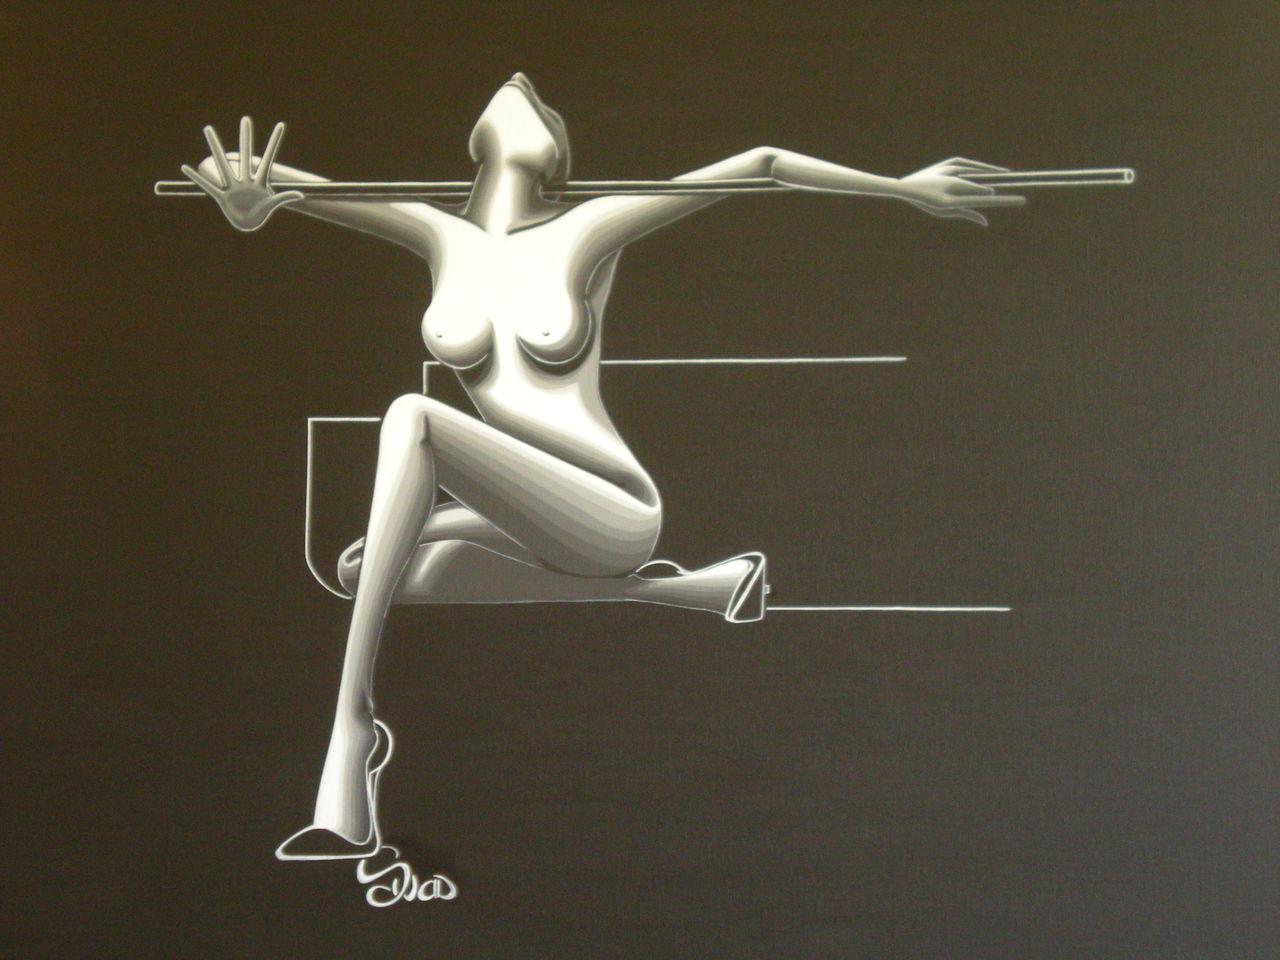 souad halima-rihoum dit SWAD en tant qu'artiste PAUSE AU BILLARD